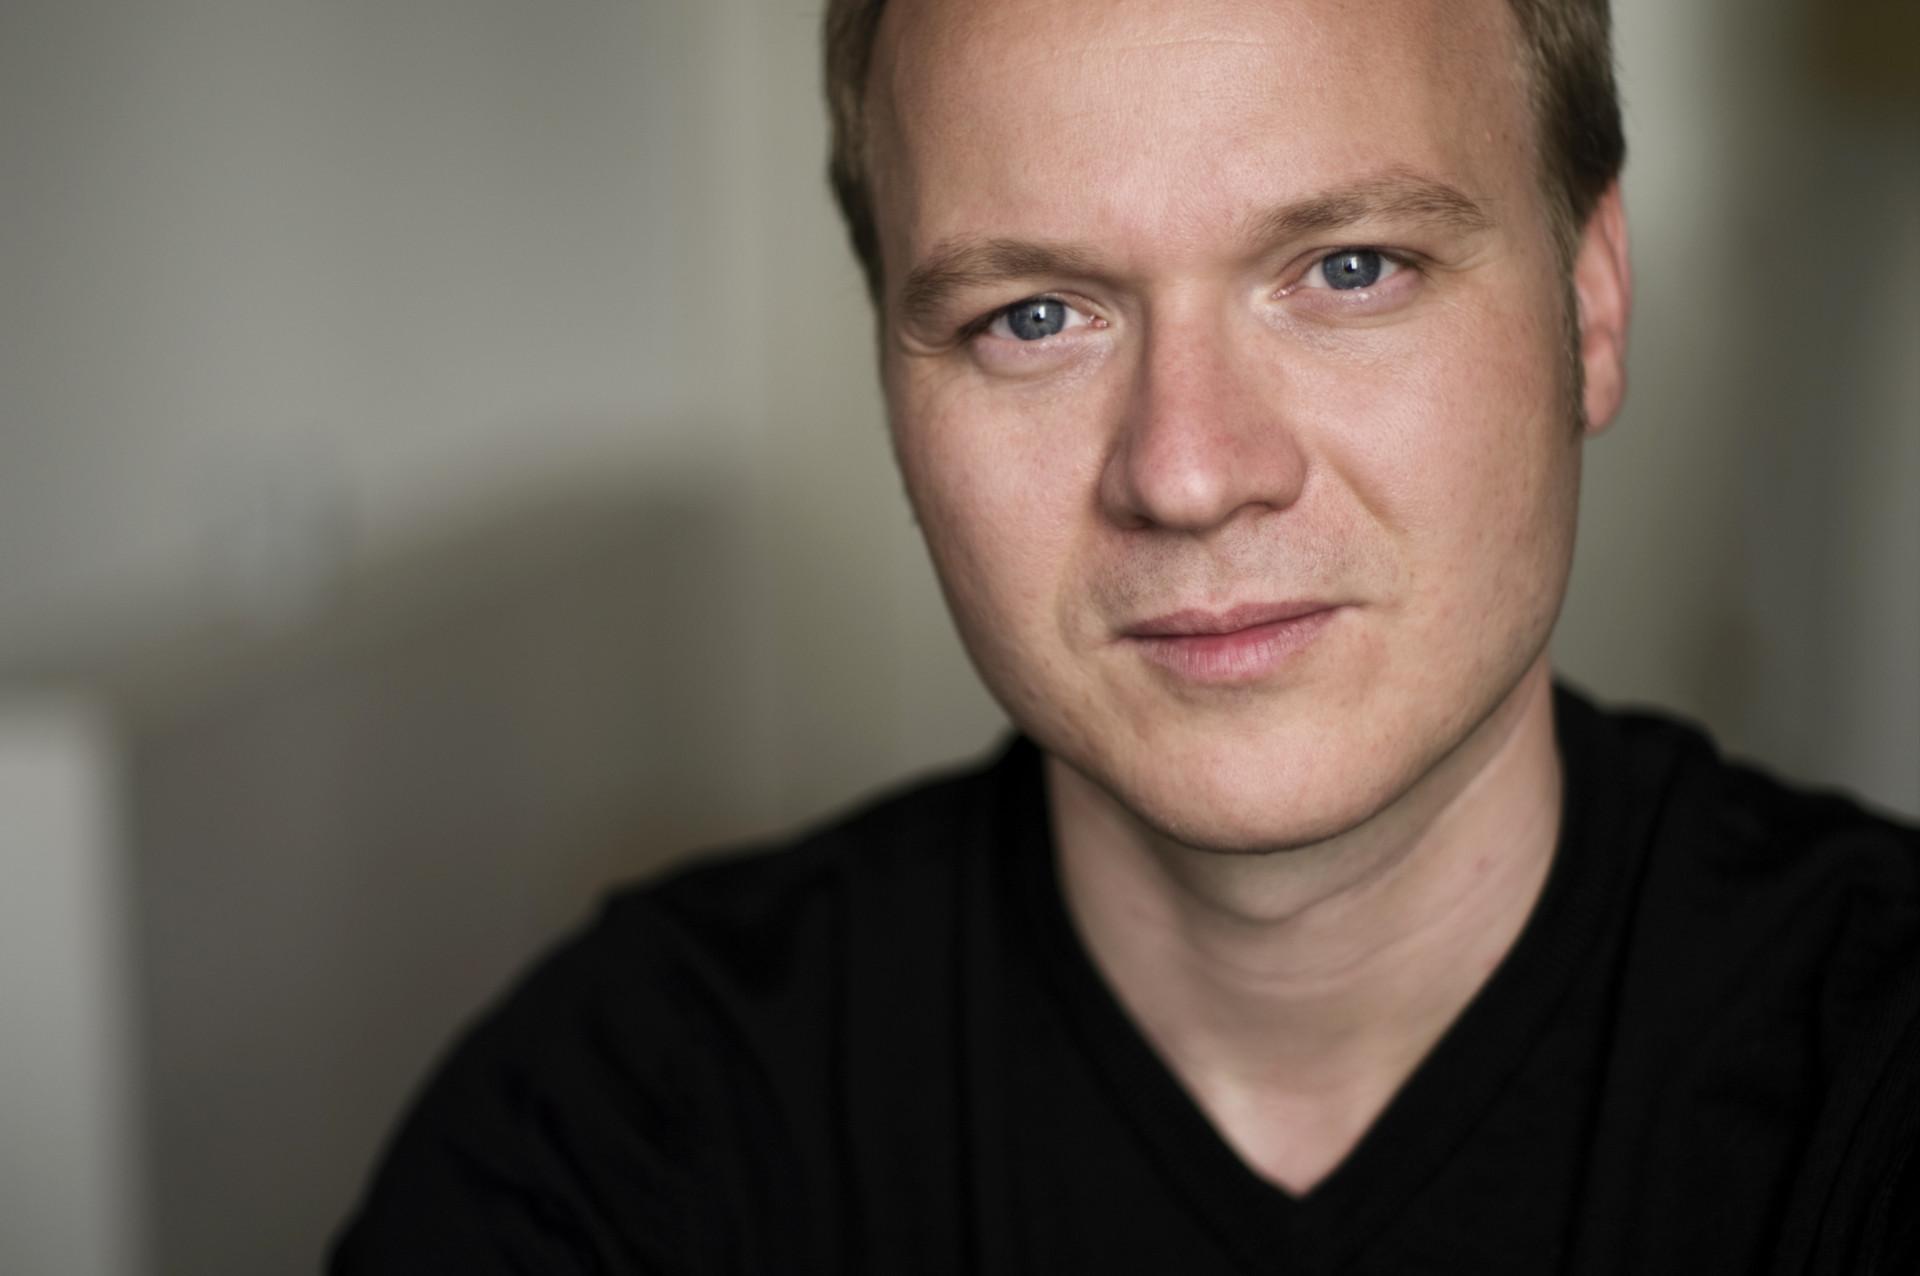 Martin Hensel (baritone)